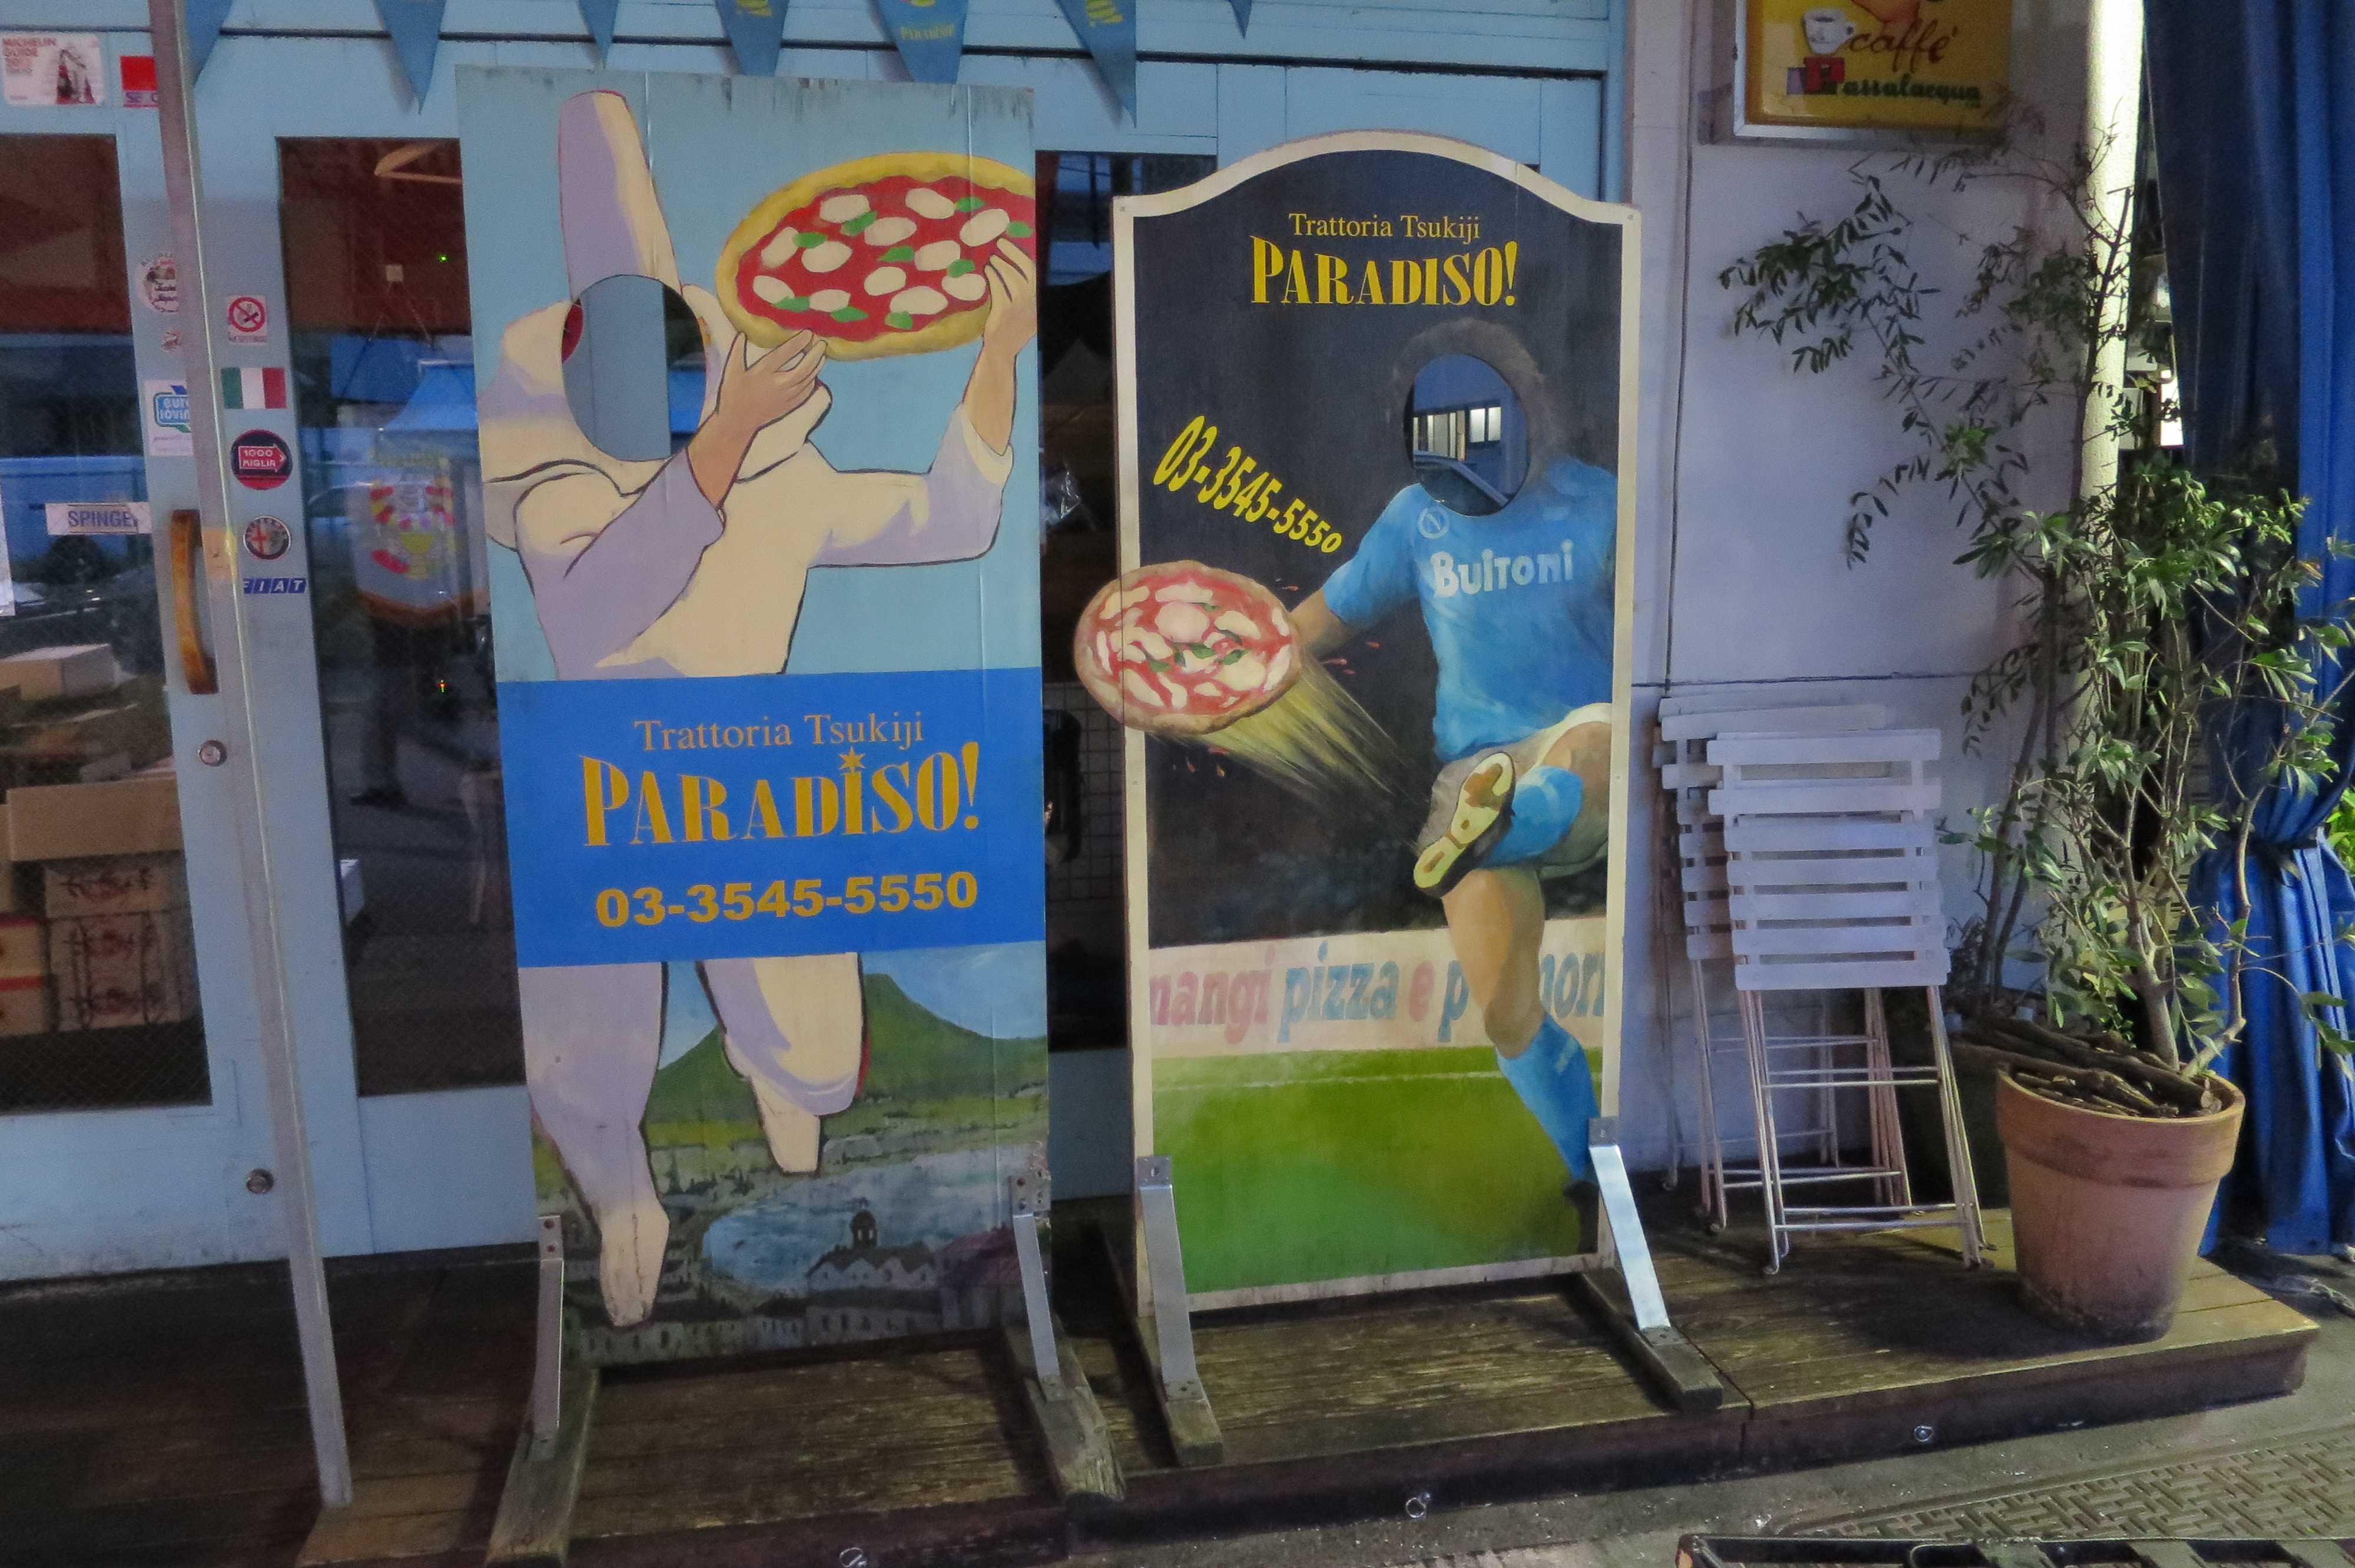 築地場外市場 - Buitoni(ナポリ)ユニを着たディエゴ・マラドーナの顔ハメ看板